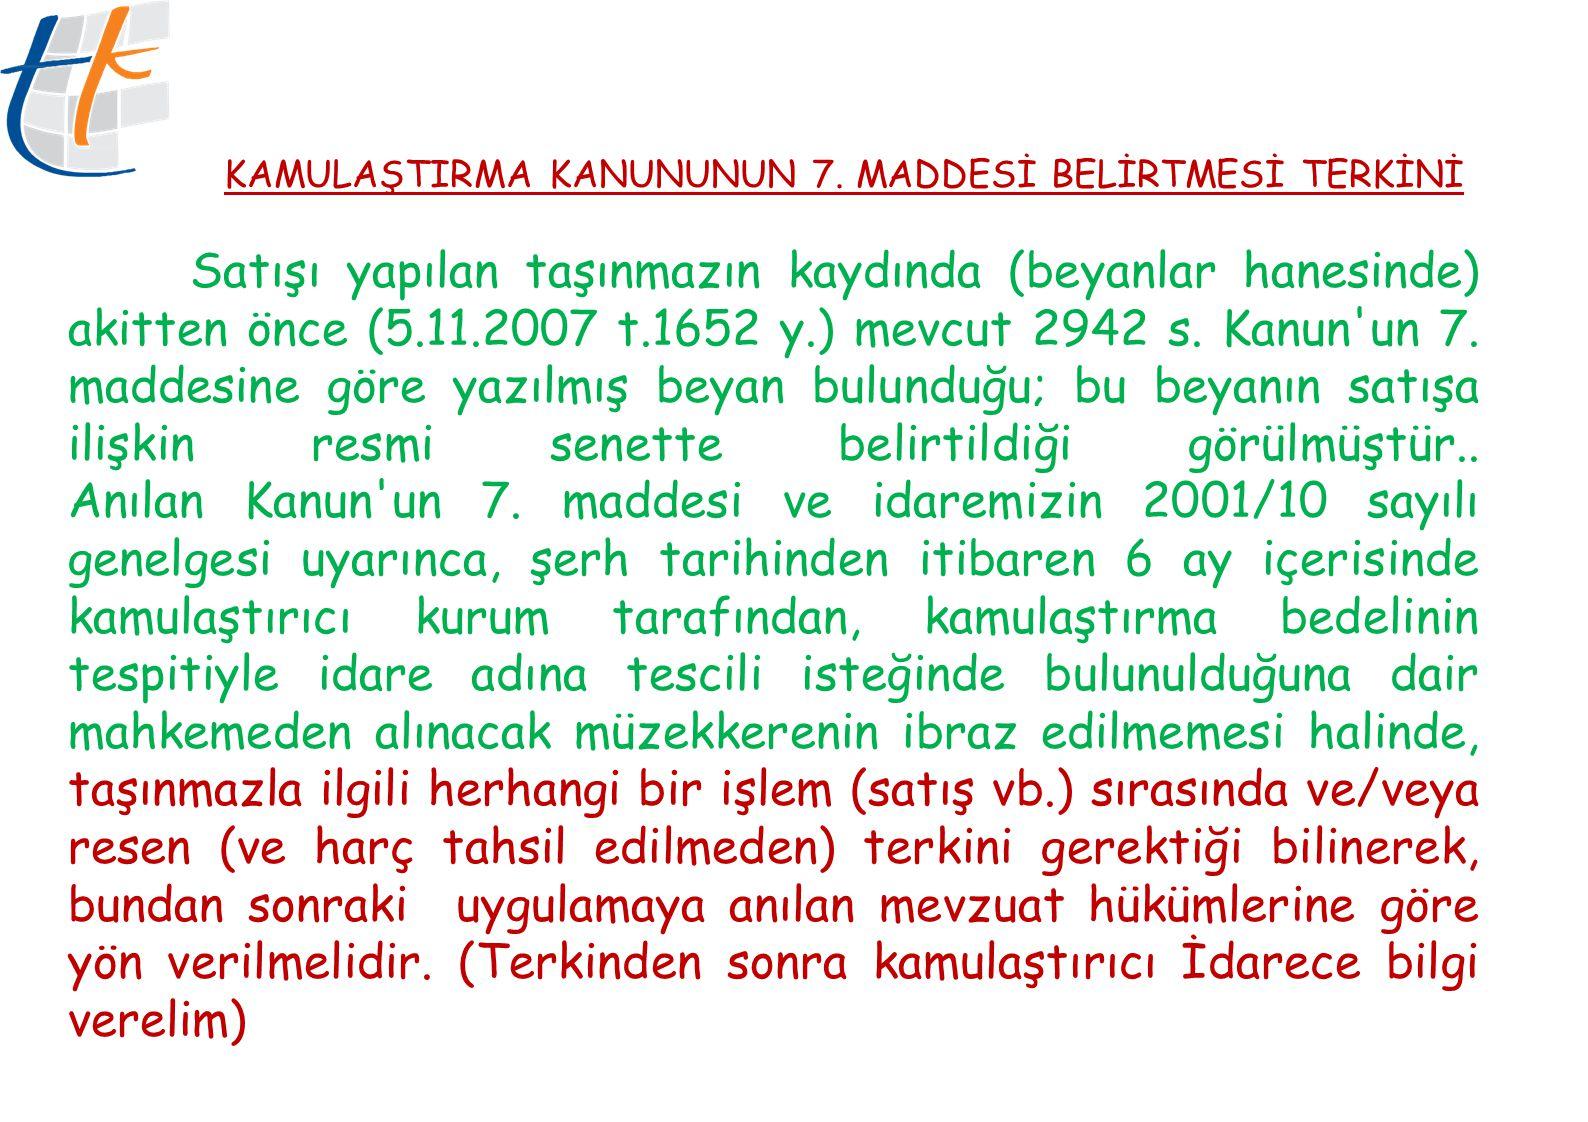 KAMULAŞTIRMA KANUNUNUN 7. MADDESİ BELİRTMESİ TERKİNİ